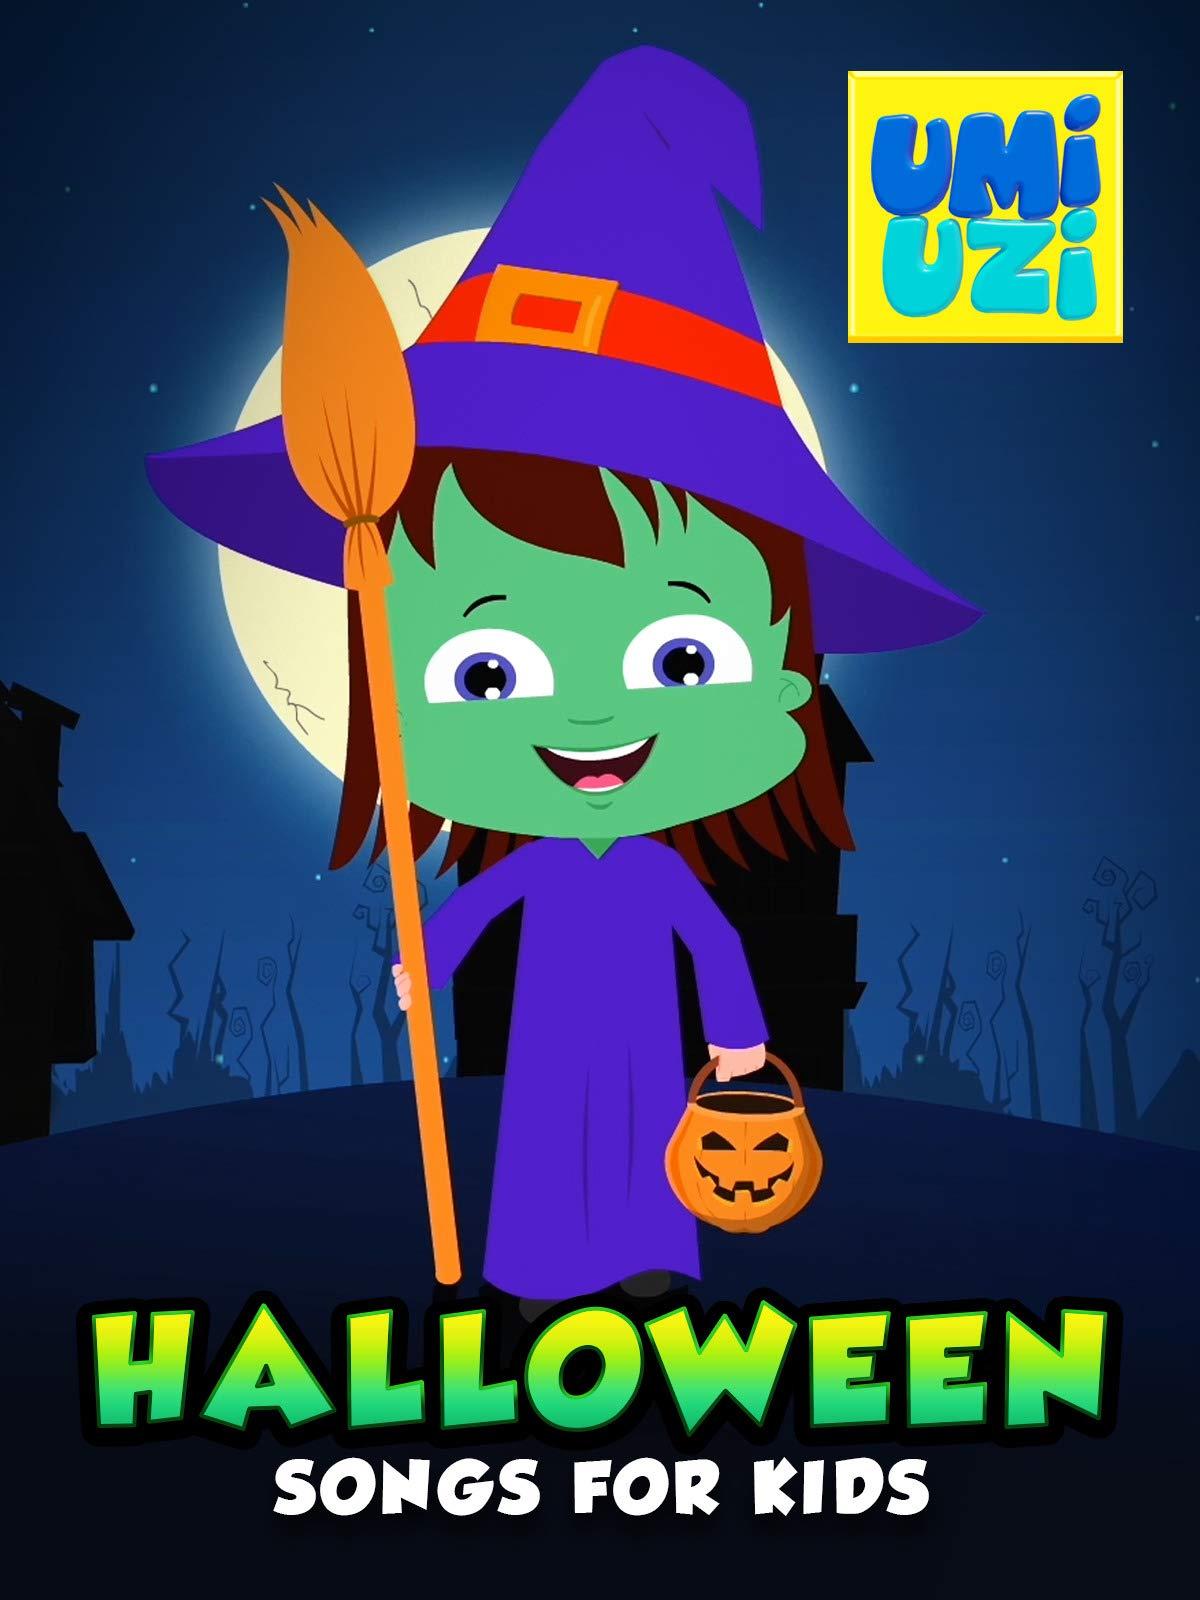 Umi Uzi Halloween Songs for Kids on Amazon Prime Video UK